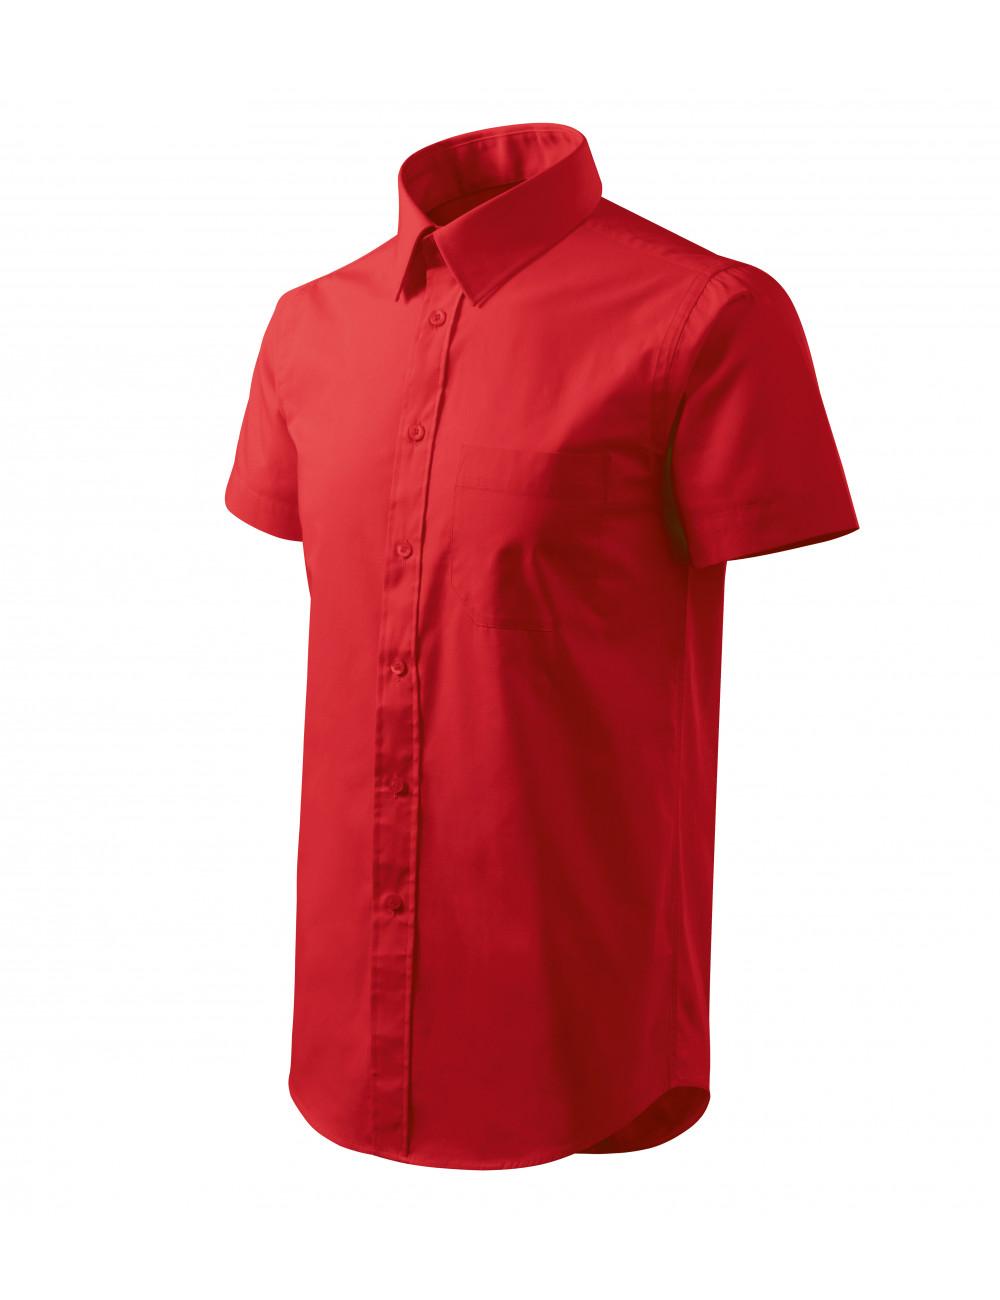 Adler MALFINI Koszula męska Chic 207 czerwony